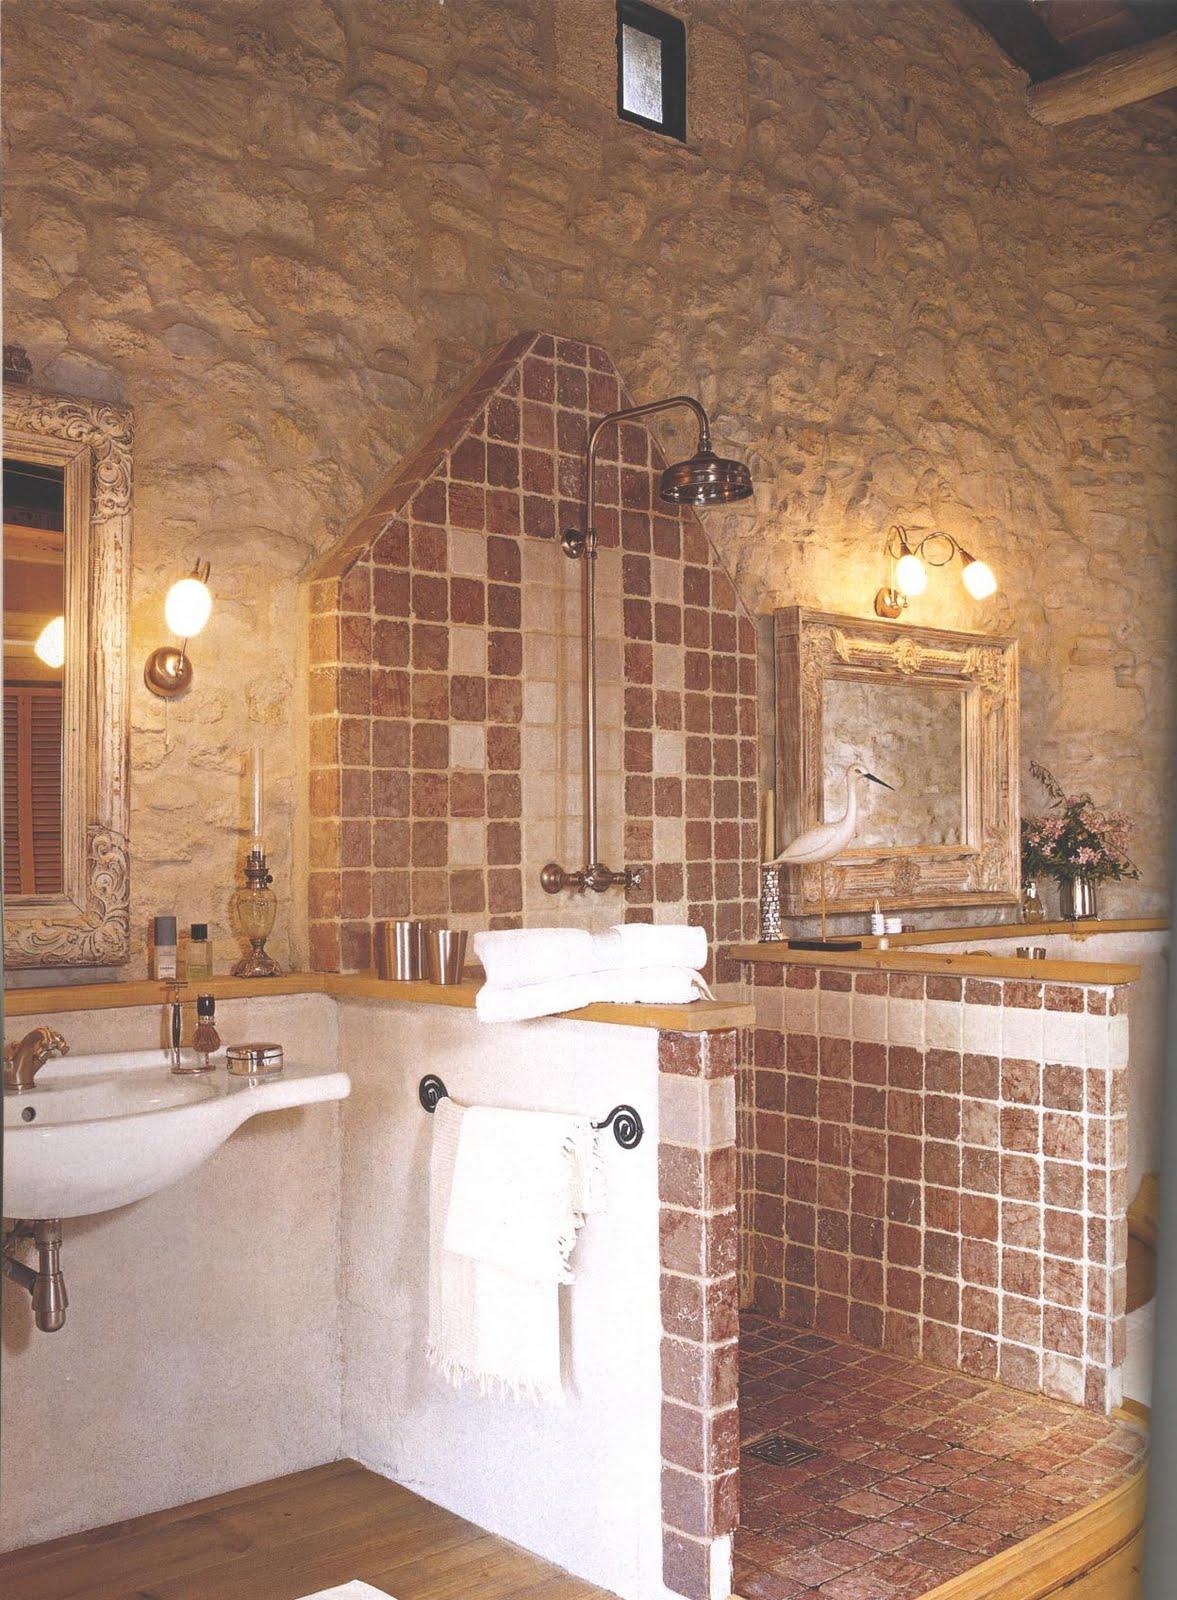 Top BOISERIE & C.: Bagno: la matericità dello stile provenzale DI31